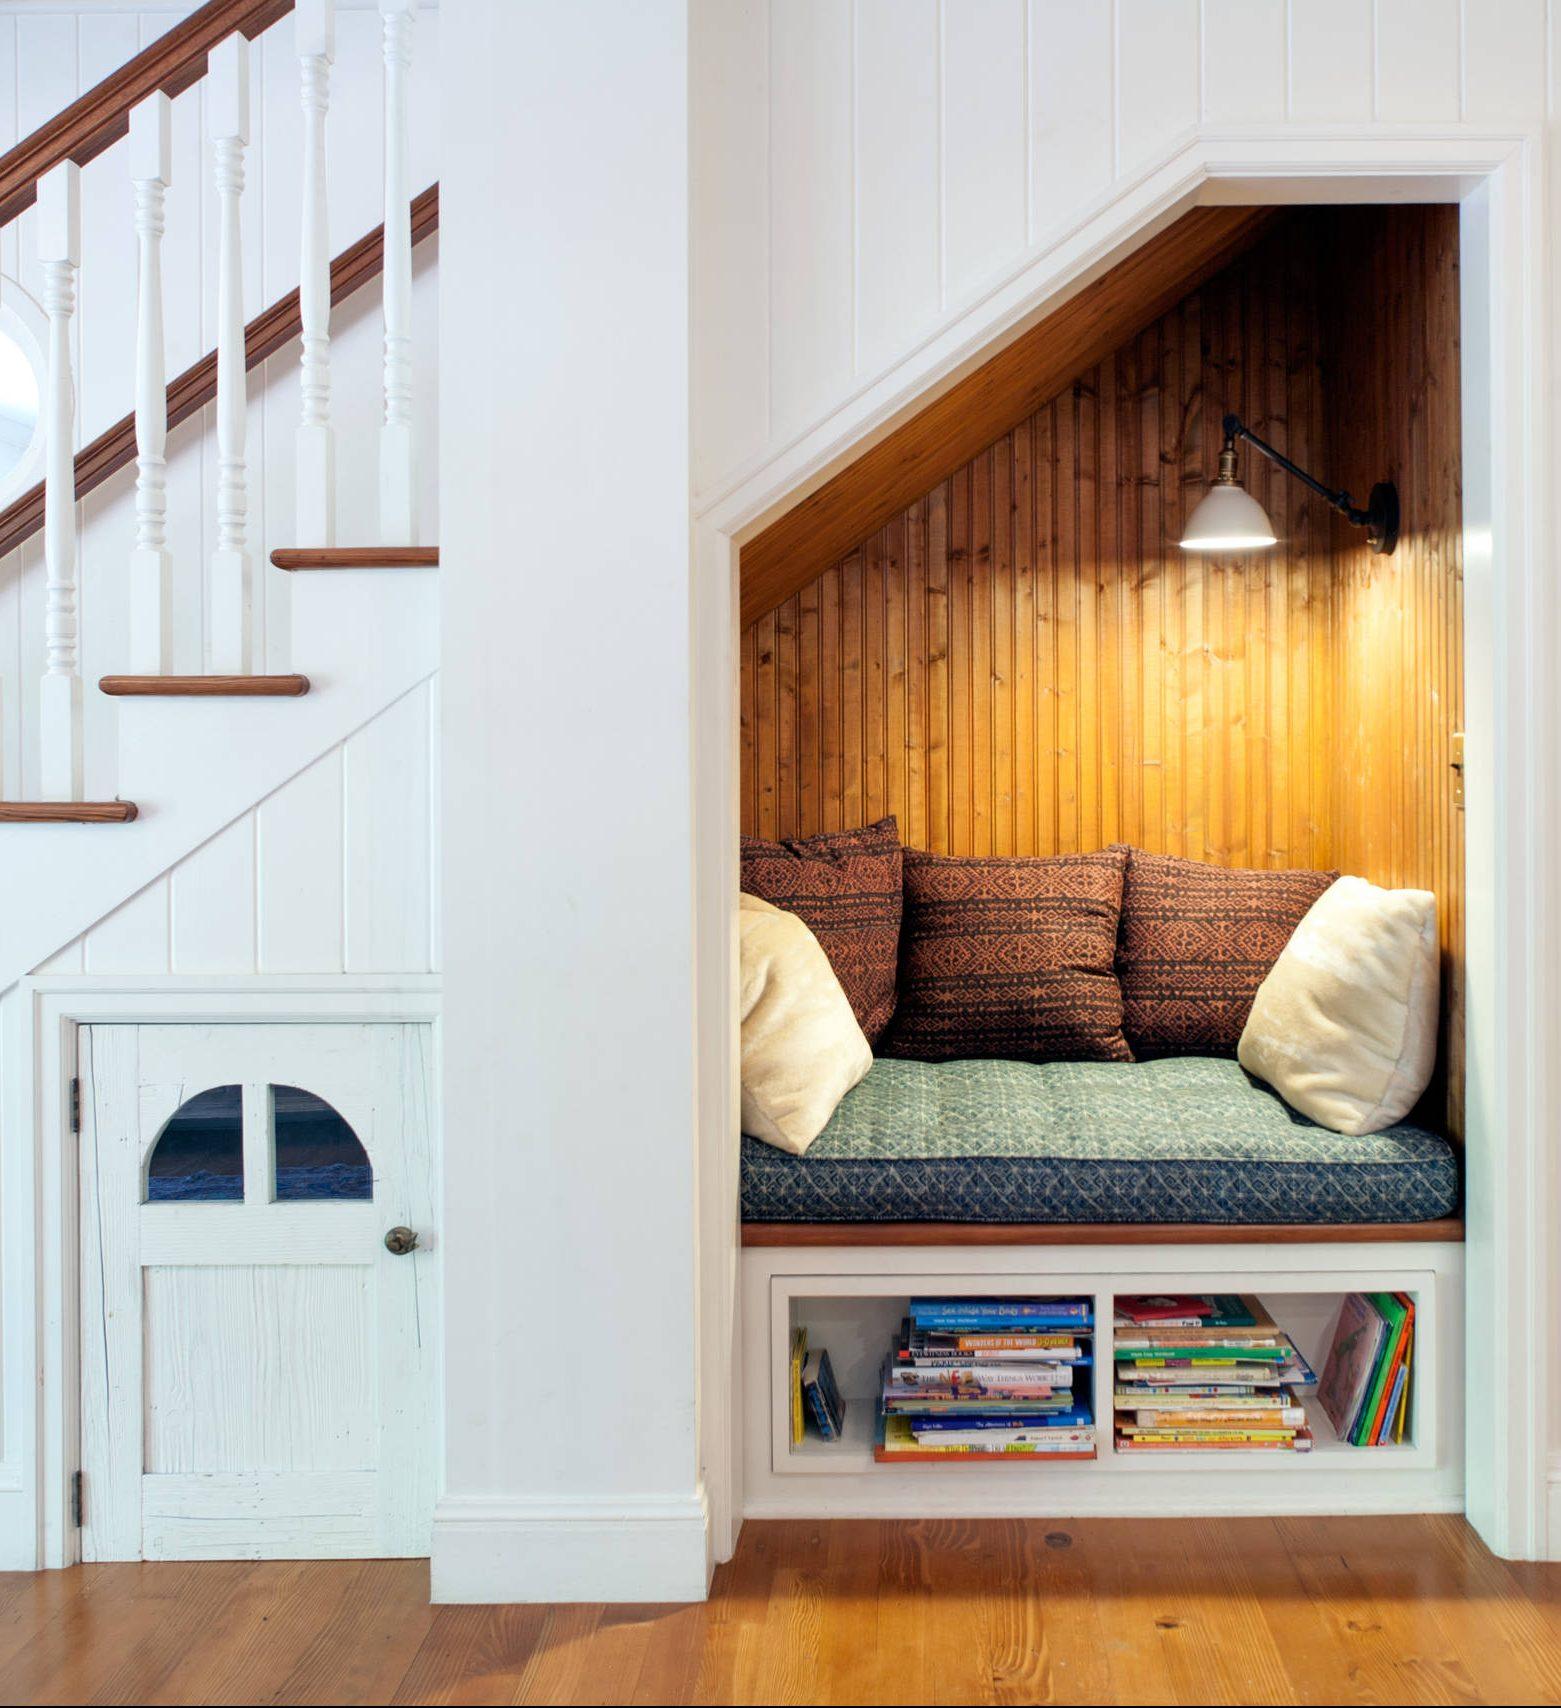 20 astuces pour aménager un dessous d'escalier - clematc